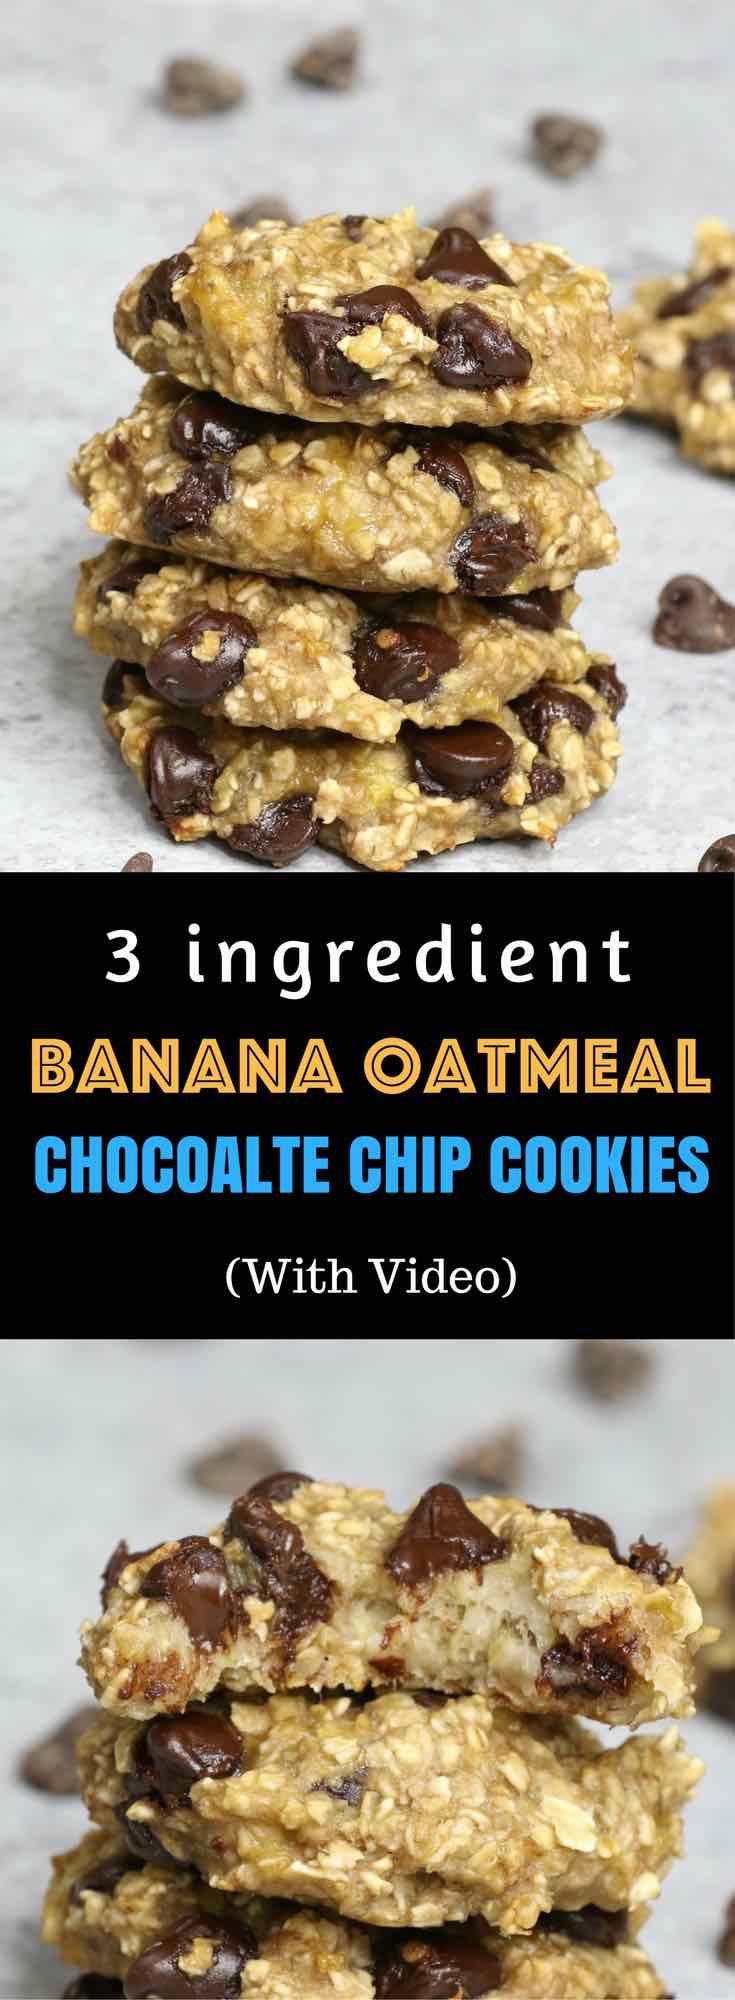 3 Ingredient Chocolate Chip Cookies  3 Ingre nt Banana Oat Chocolate Chip Cookies Recipe